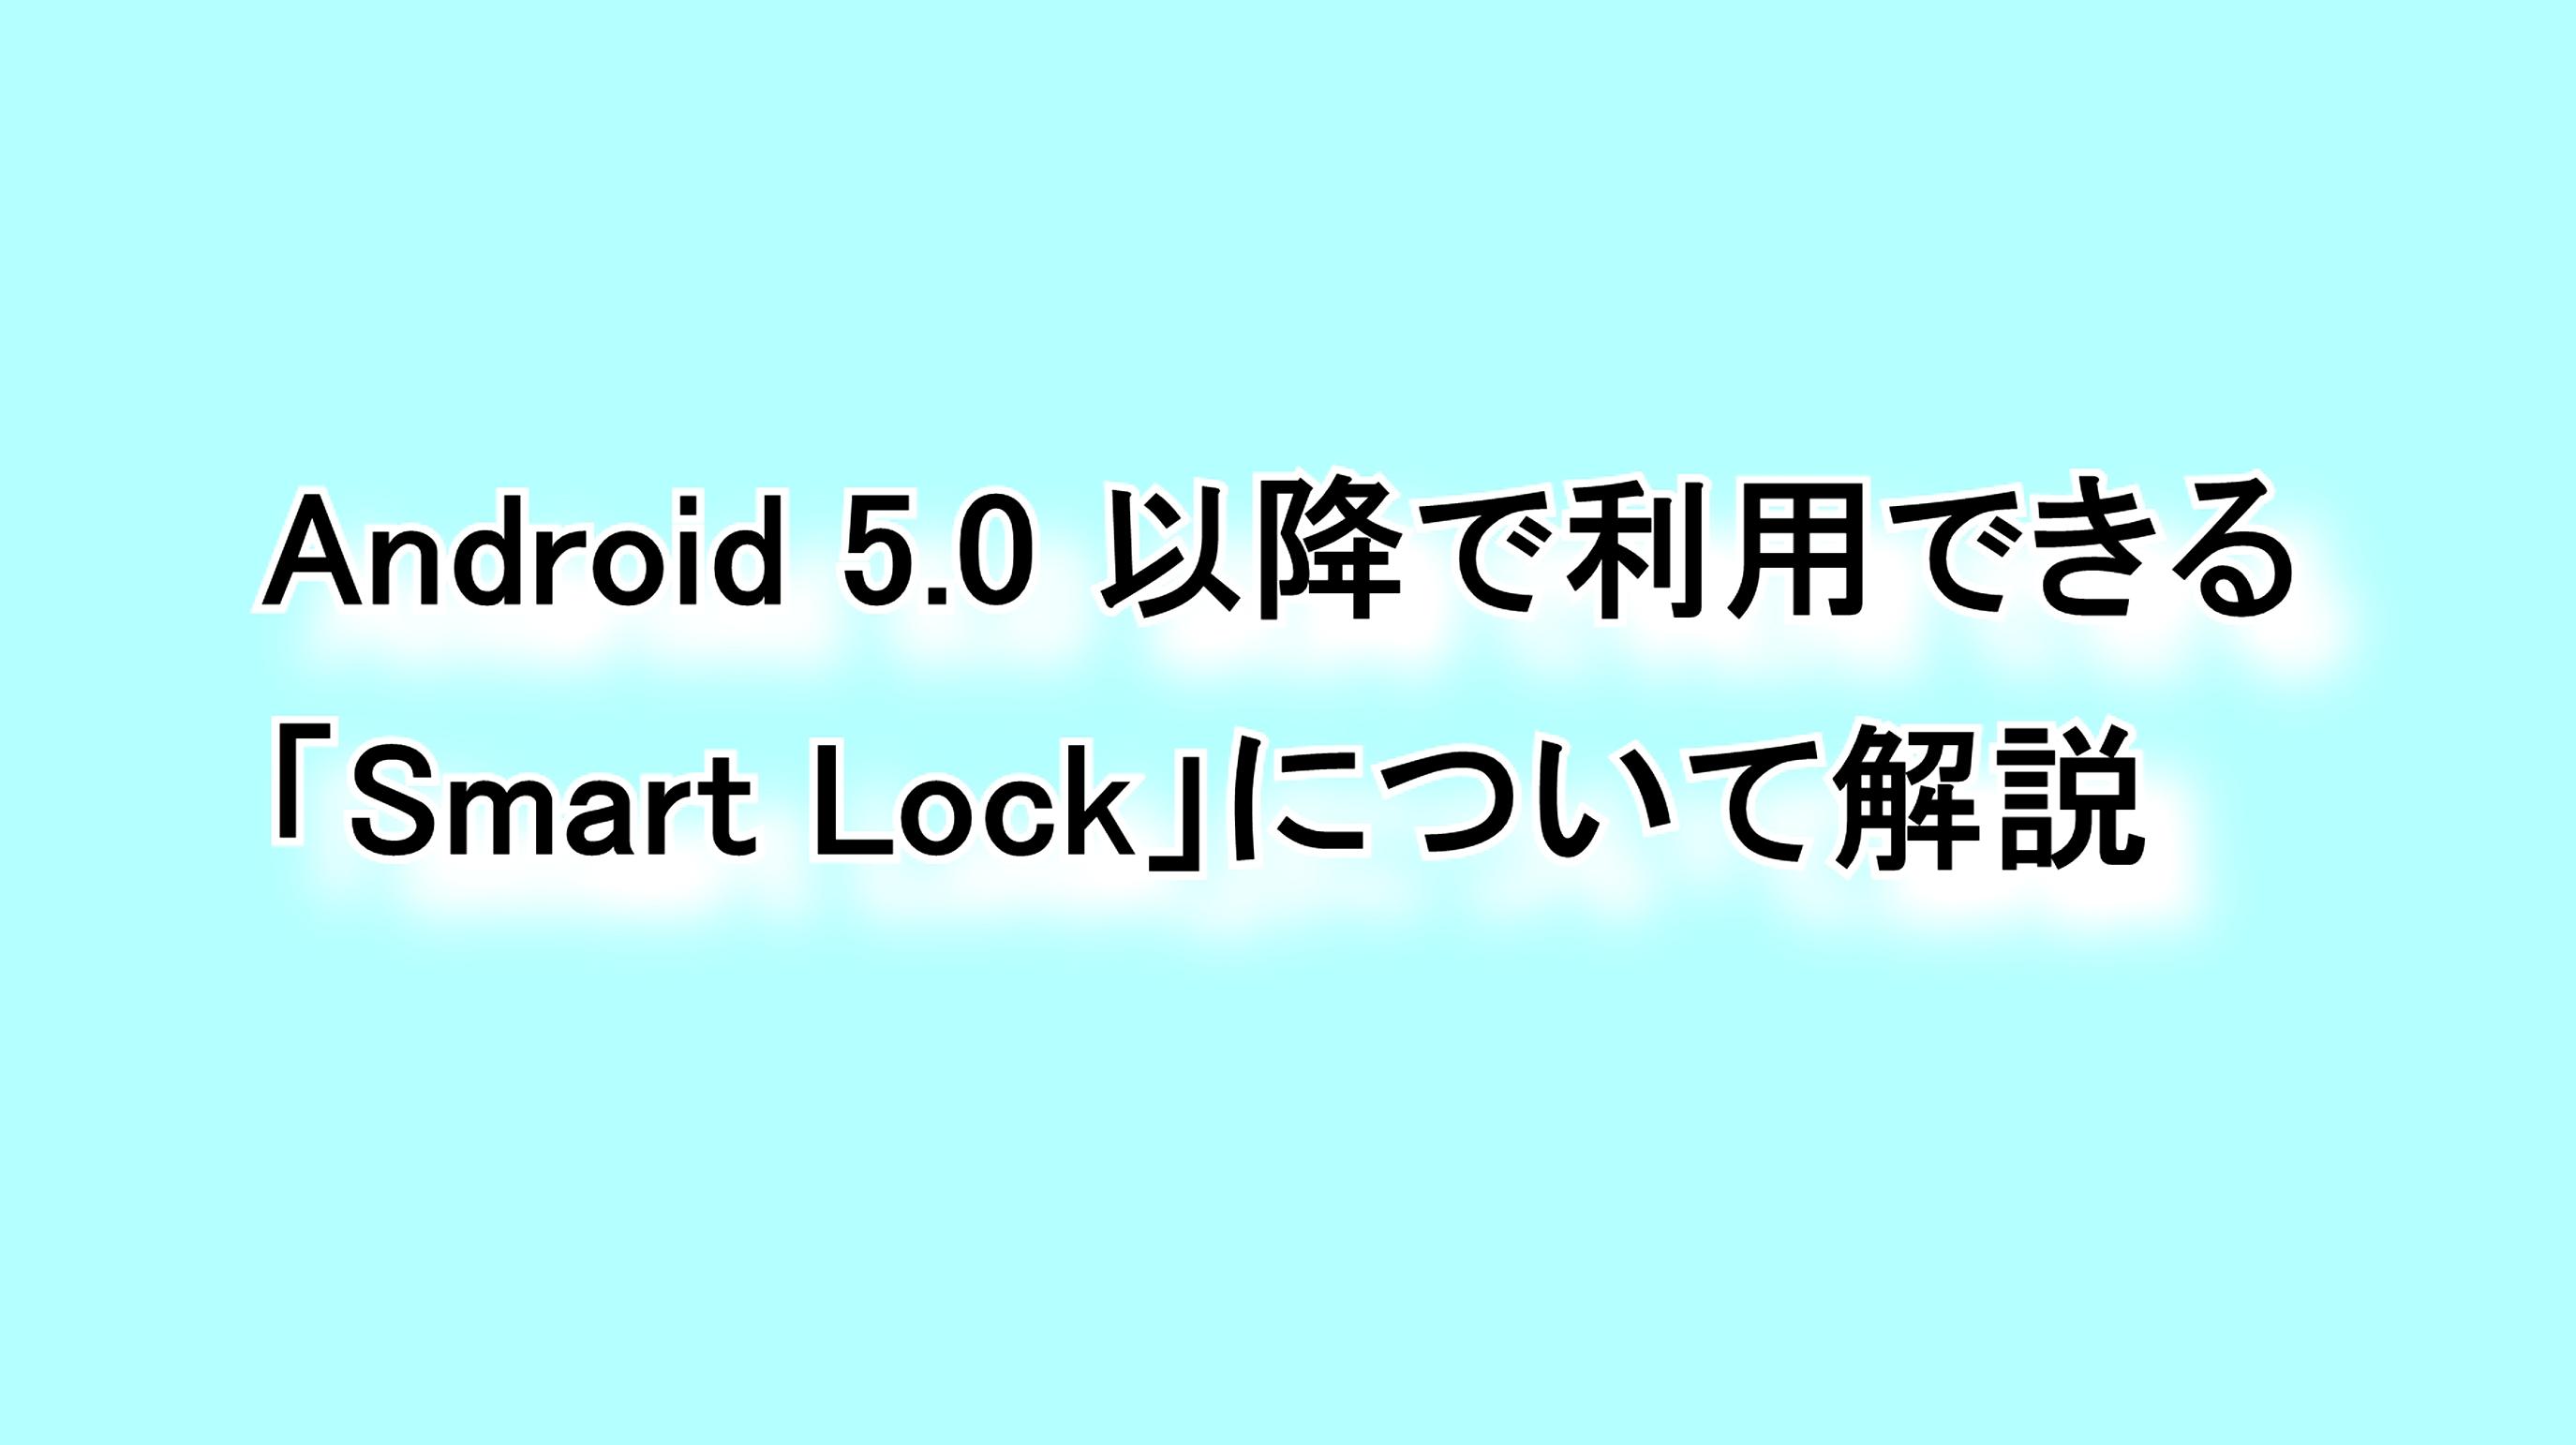 Android 5.0以降で利用できる「Smart Lock」について解説